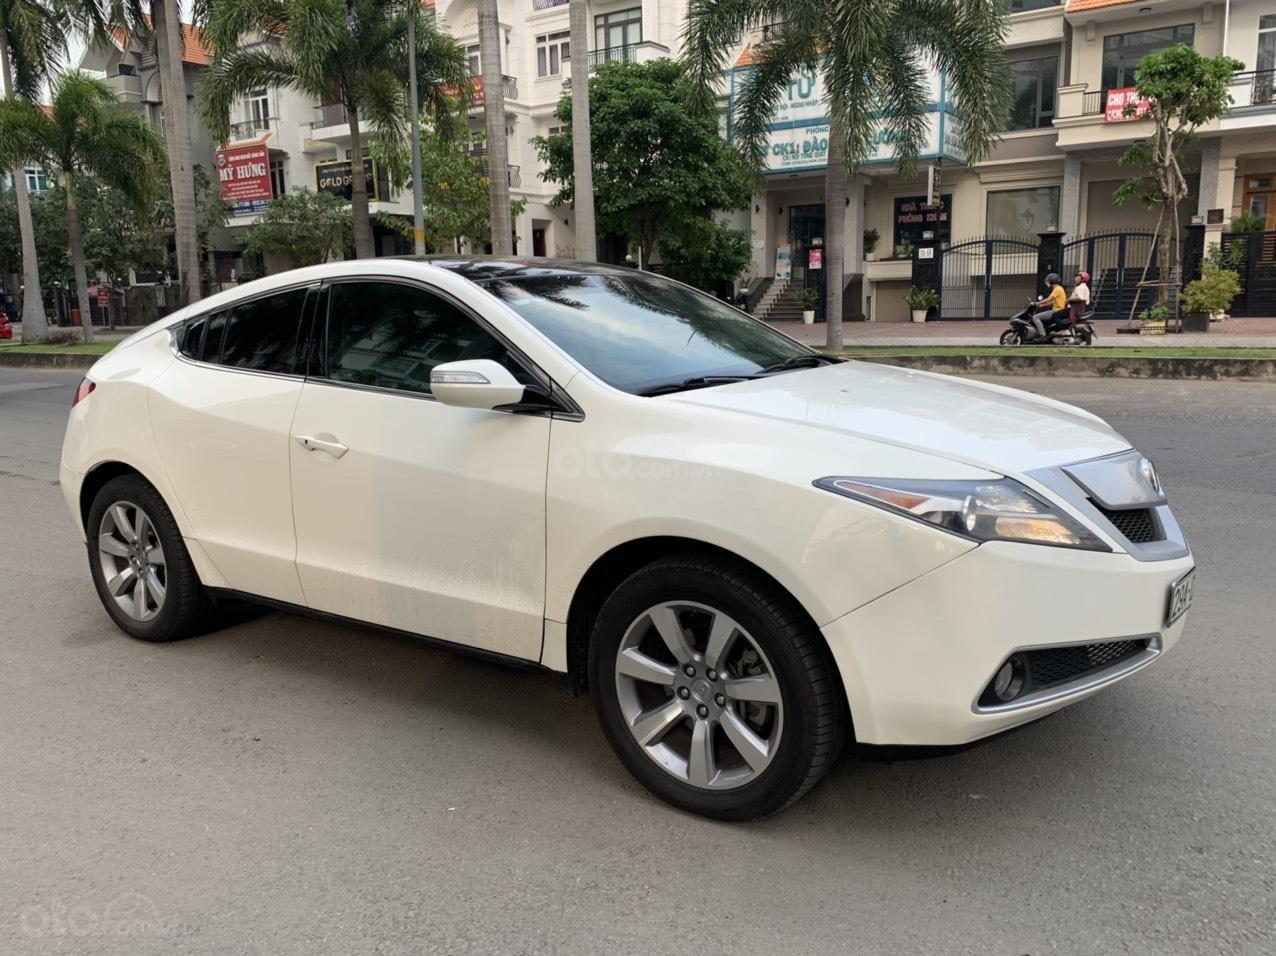 Cần bán xe Acura ZDX SX 2010, màu trắng giá 1 tỷ 130 triệu (1)